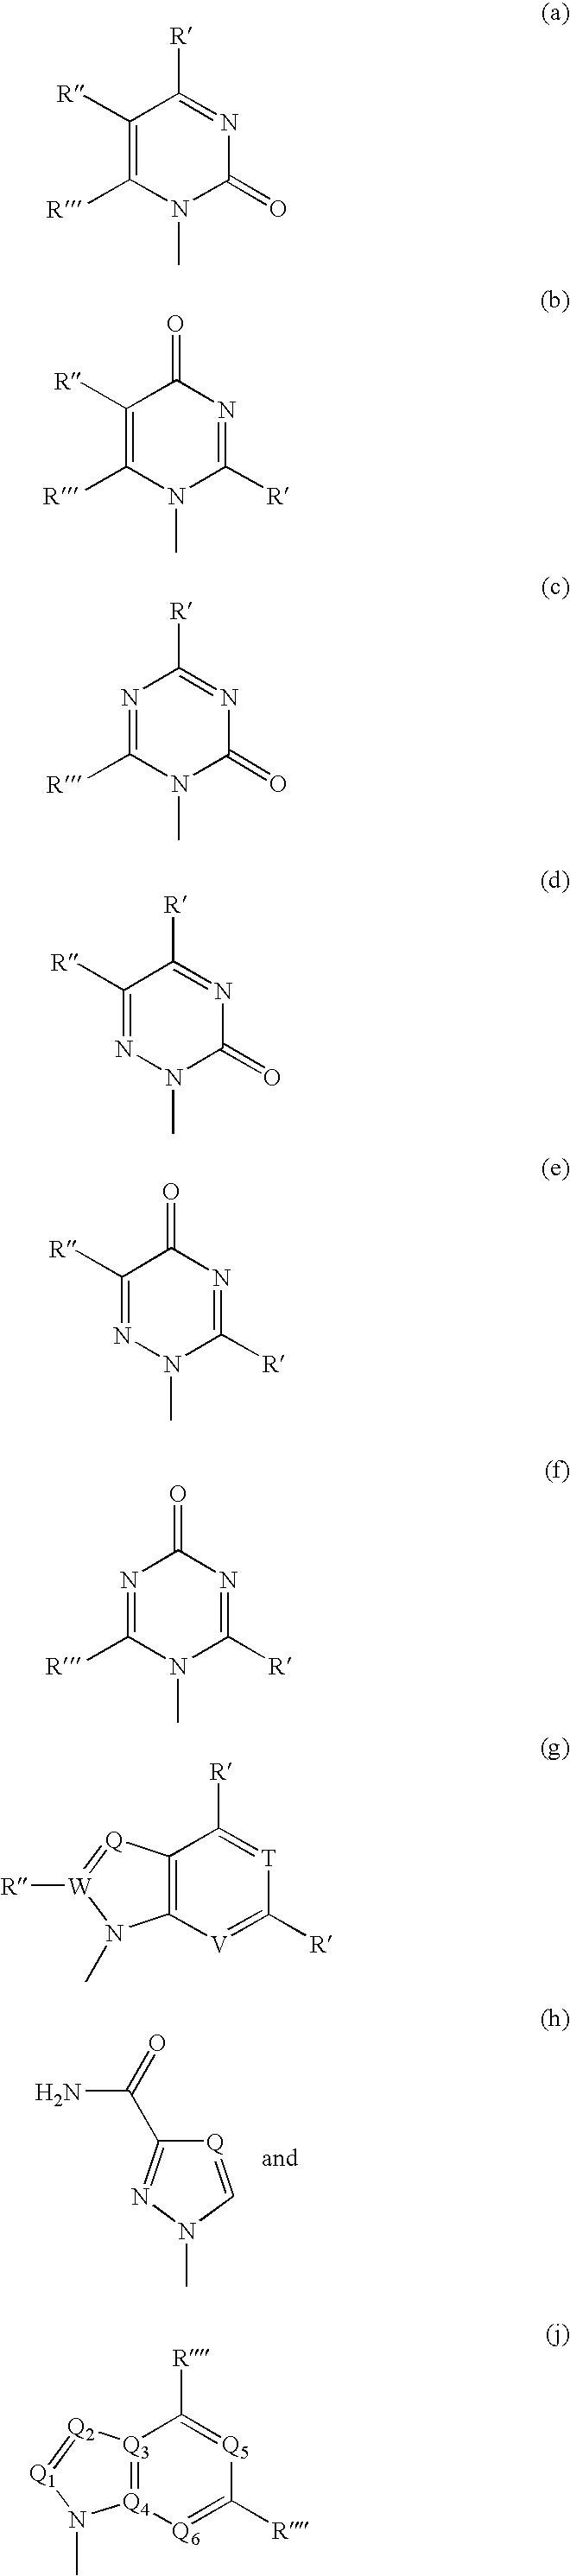 Figure US07608600-20091027-C00073